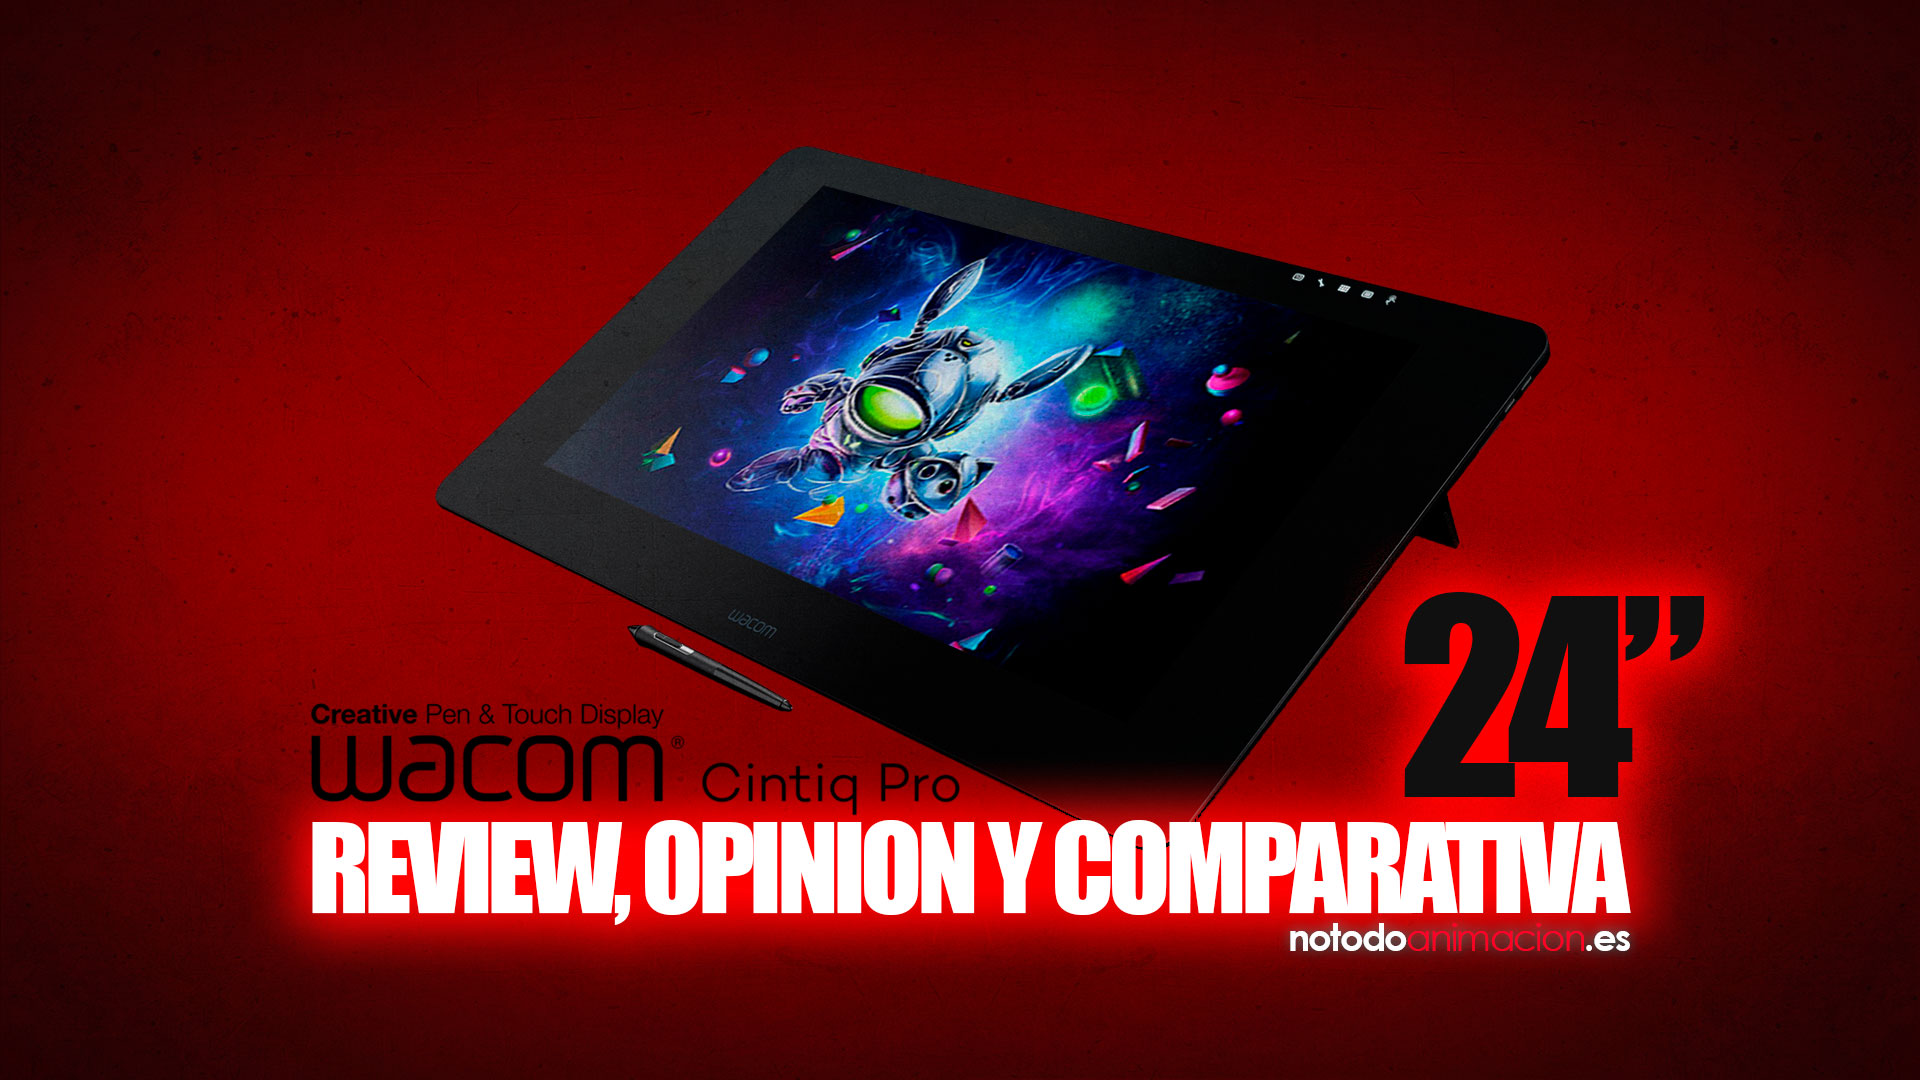 Wacom Cintiq Pro 24 PEN TOUCH review opinión comparativa